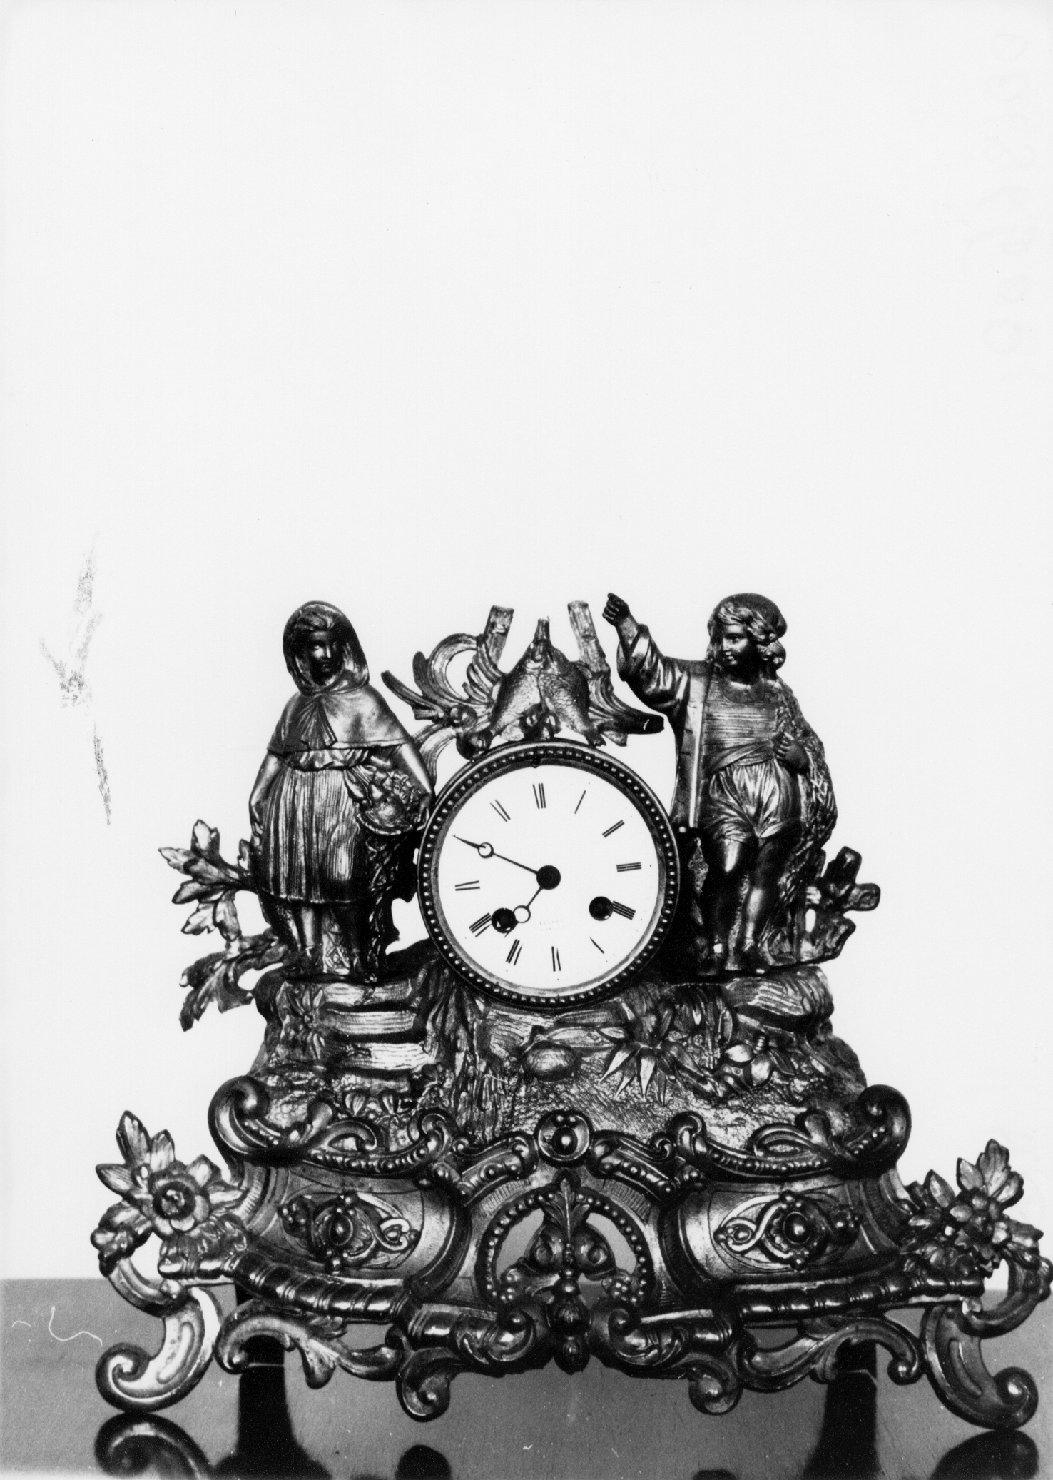 orologio, opera isolata - manifattura francese (prima metà sec. XIX)